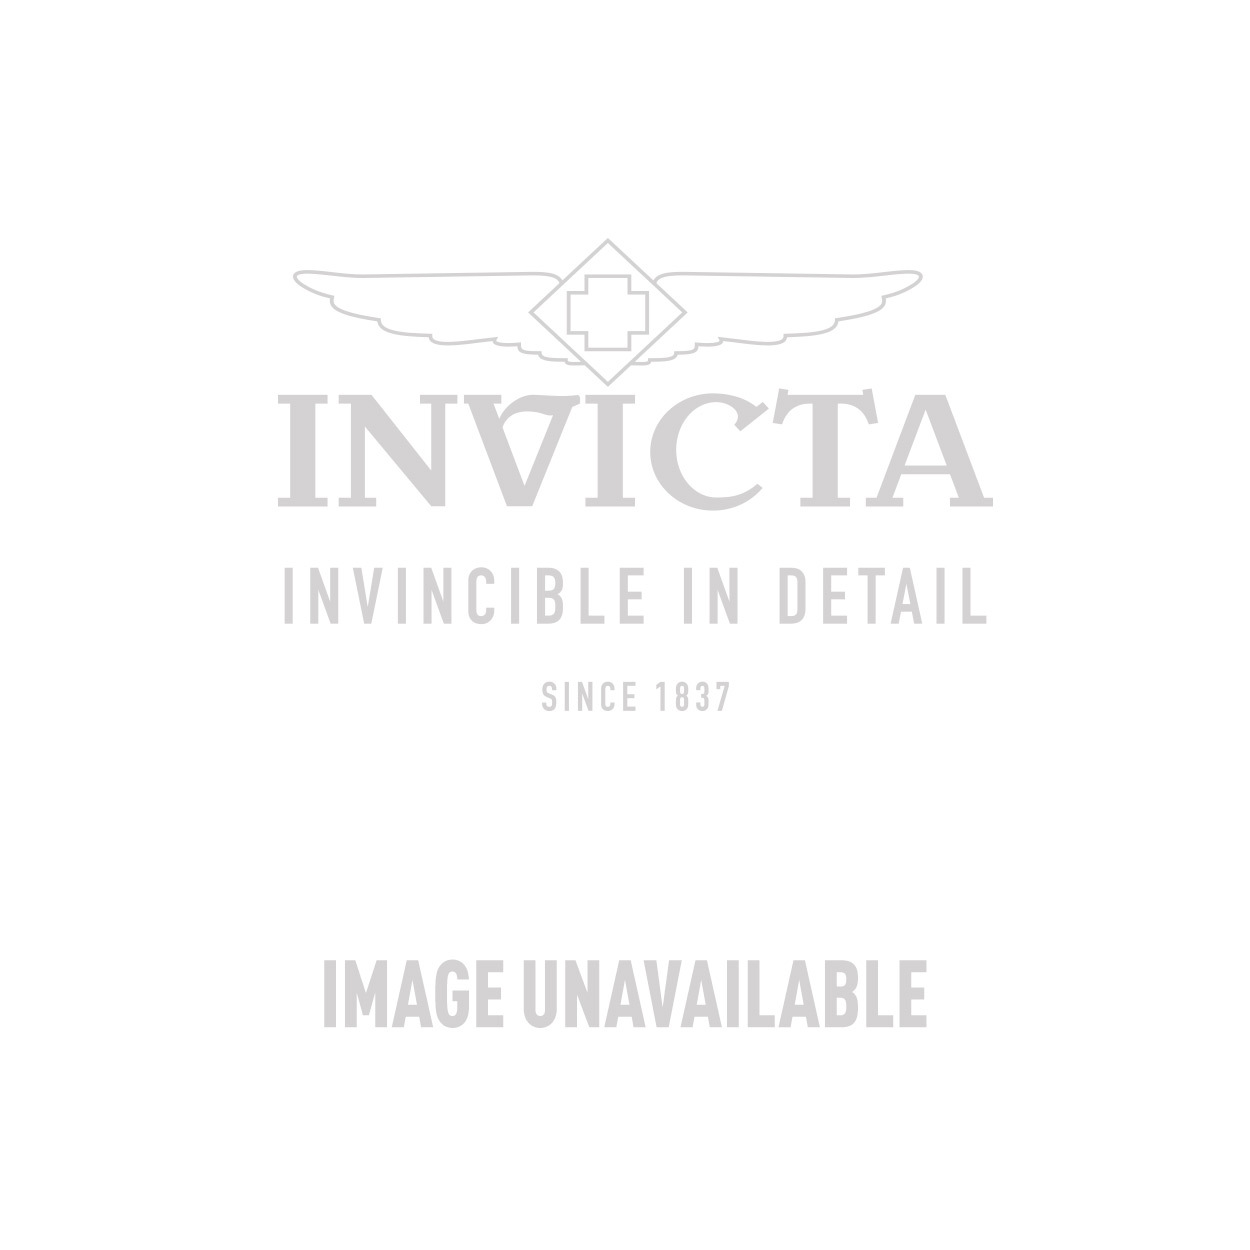 Invicta Model 23564